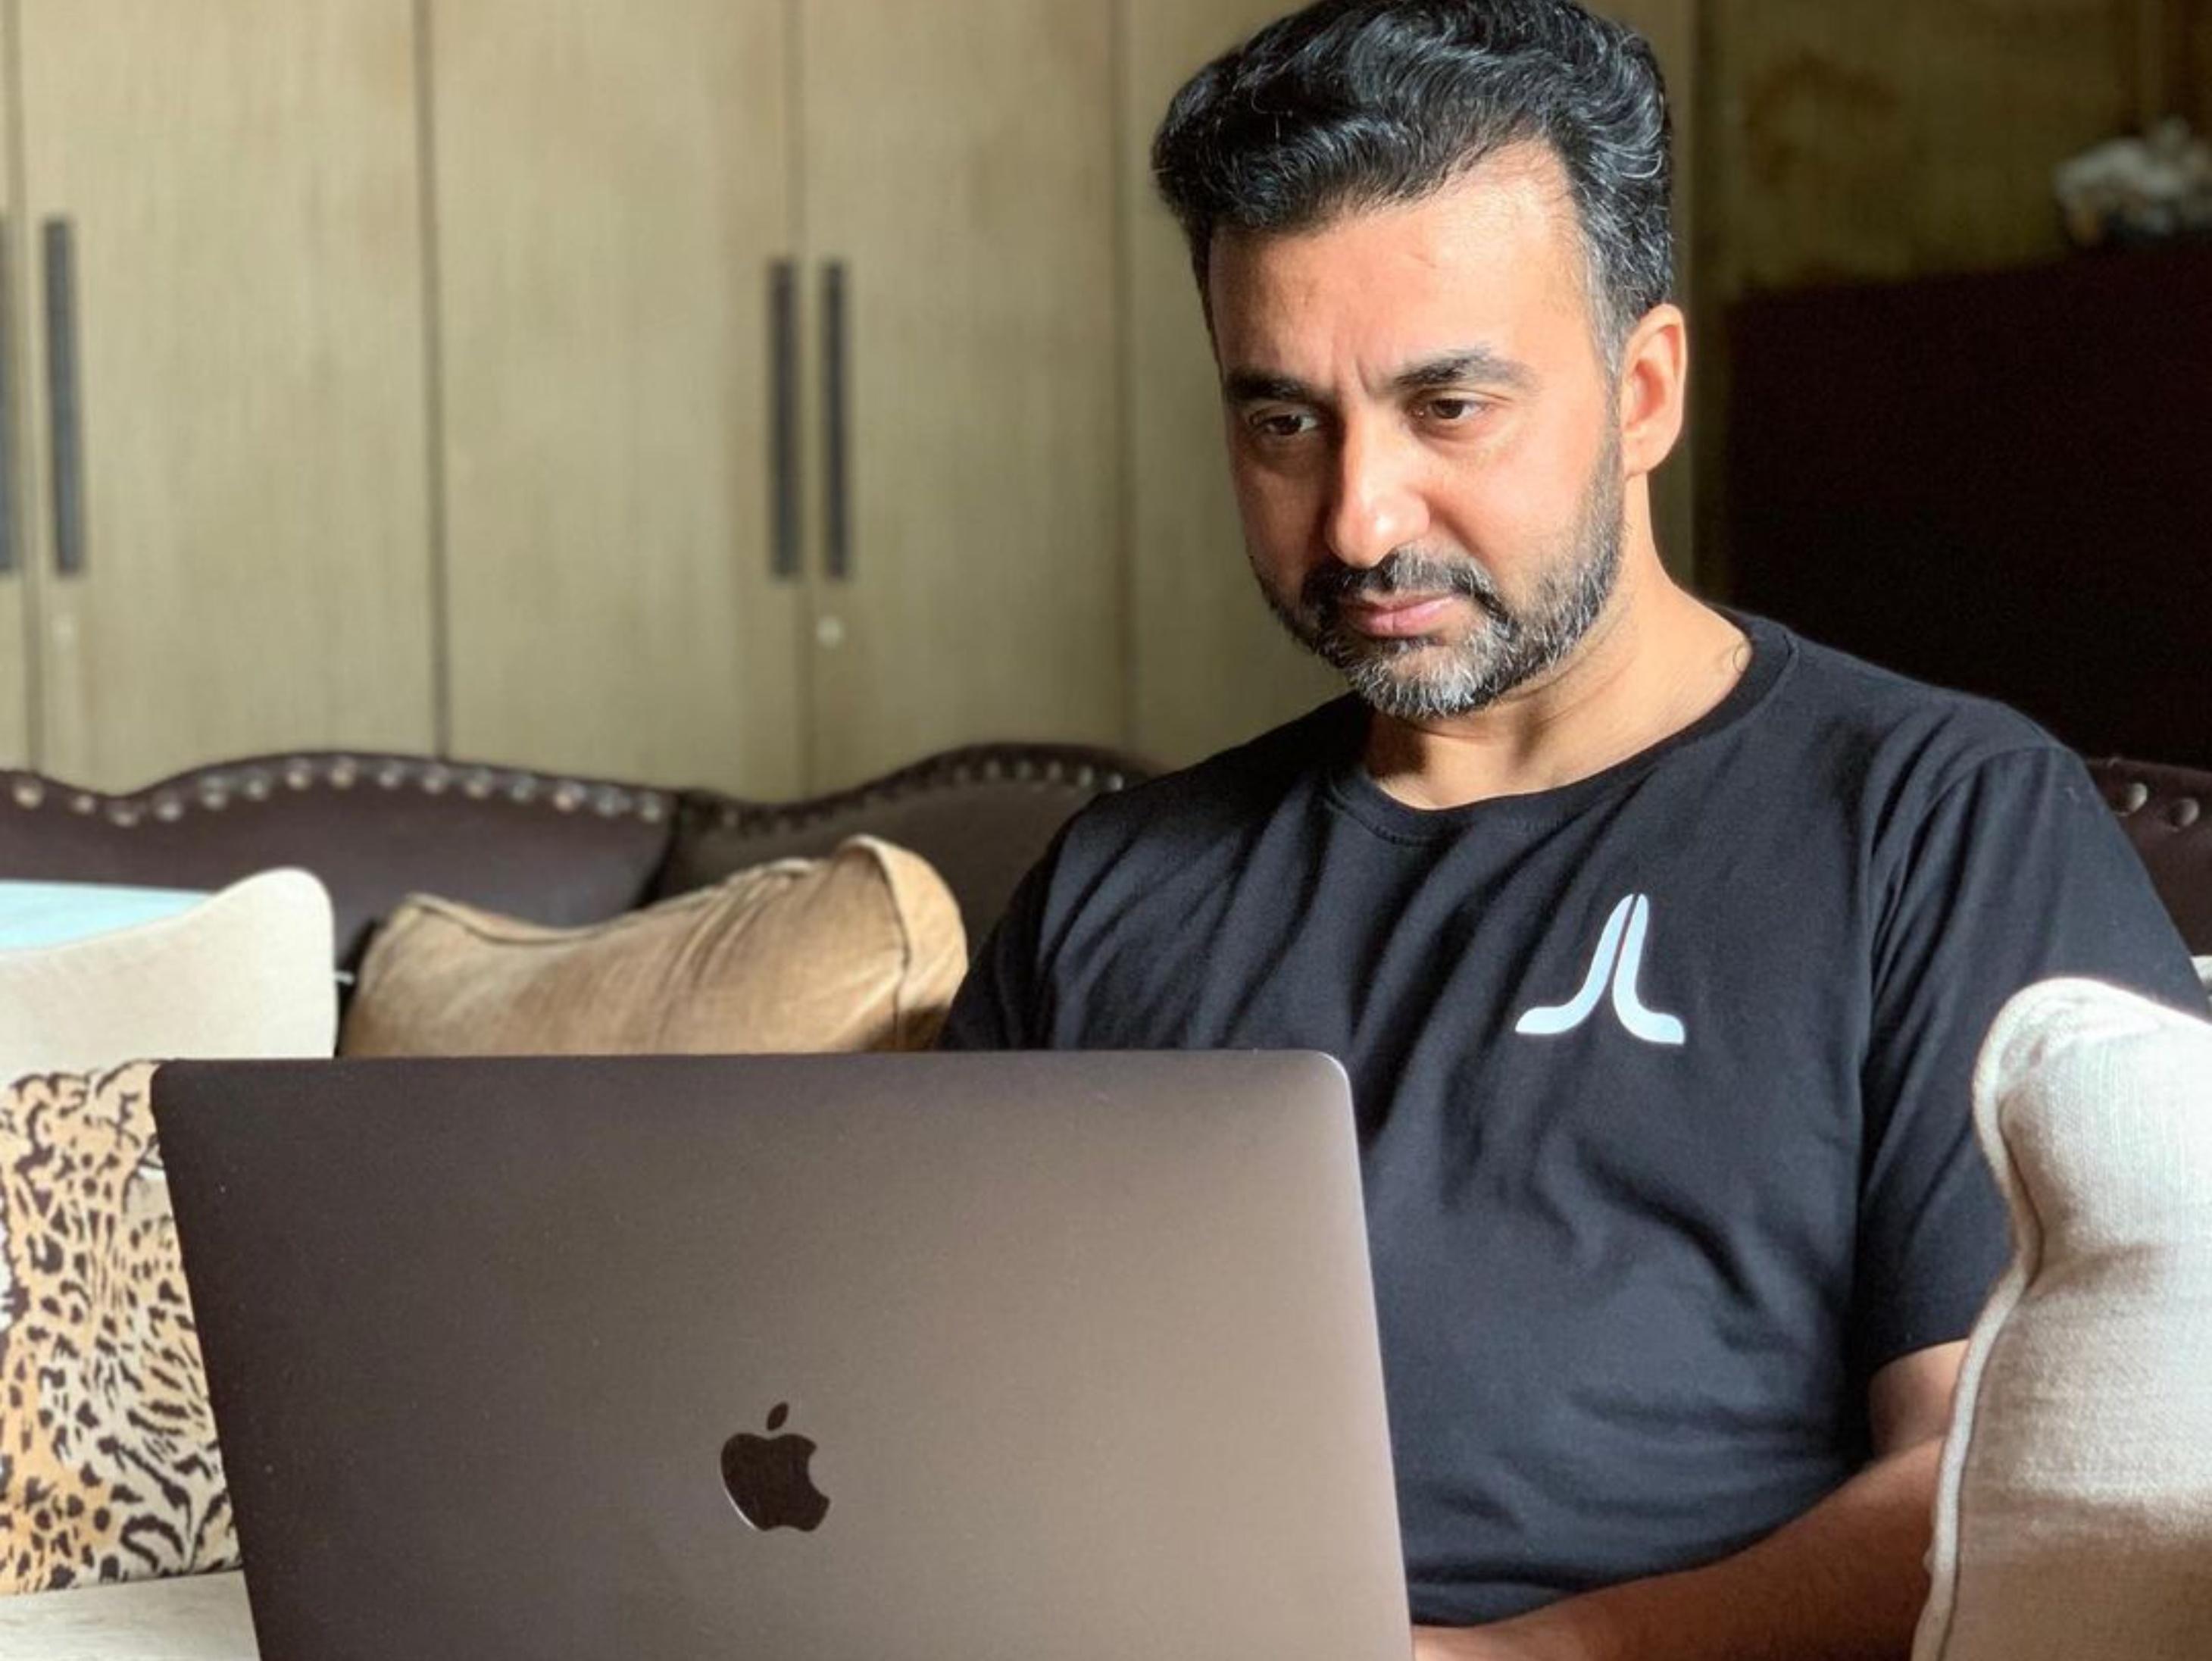 राज कुंद्रा को राहत नहीं, मुंबई की एस्प्लेनेड कोर्ट ने भी जमानत याचिका खारिज की|बॉलीवुड,Bollywood - Dainik Bhaskar